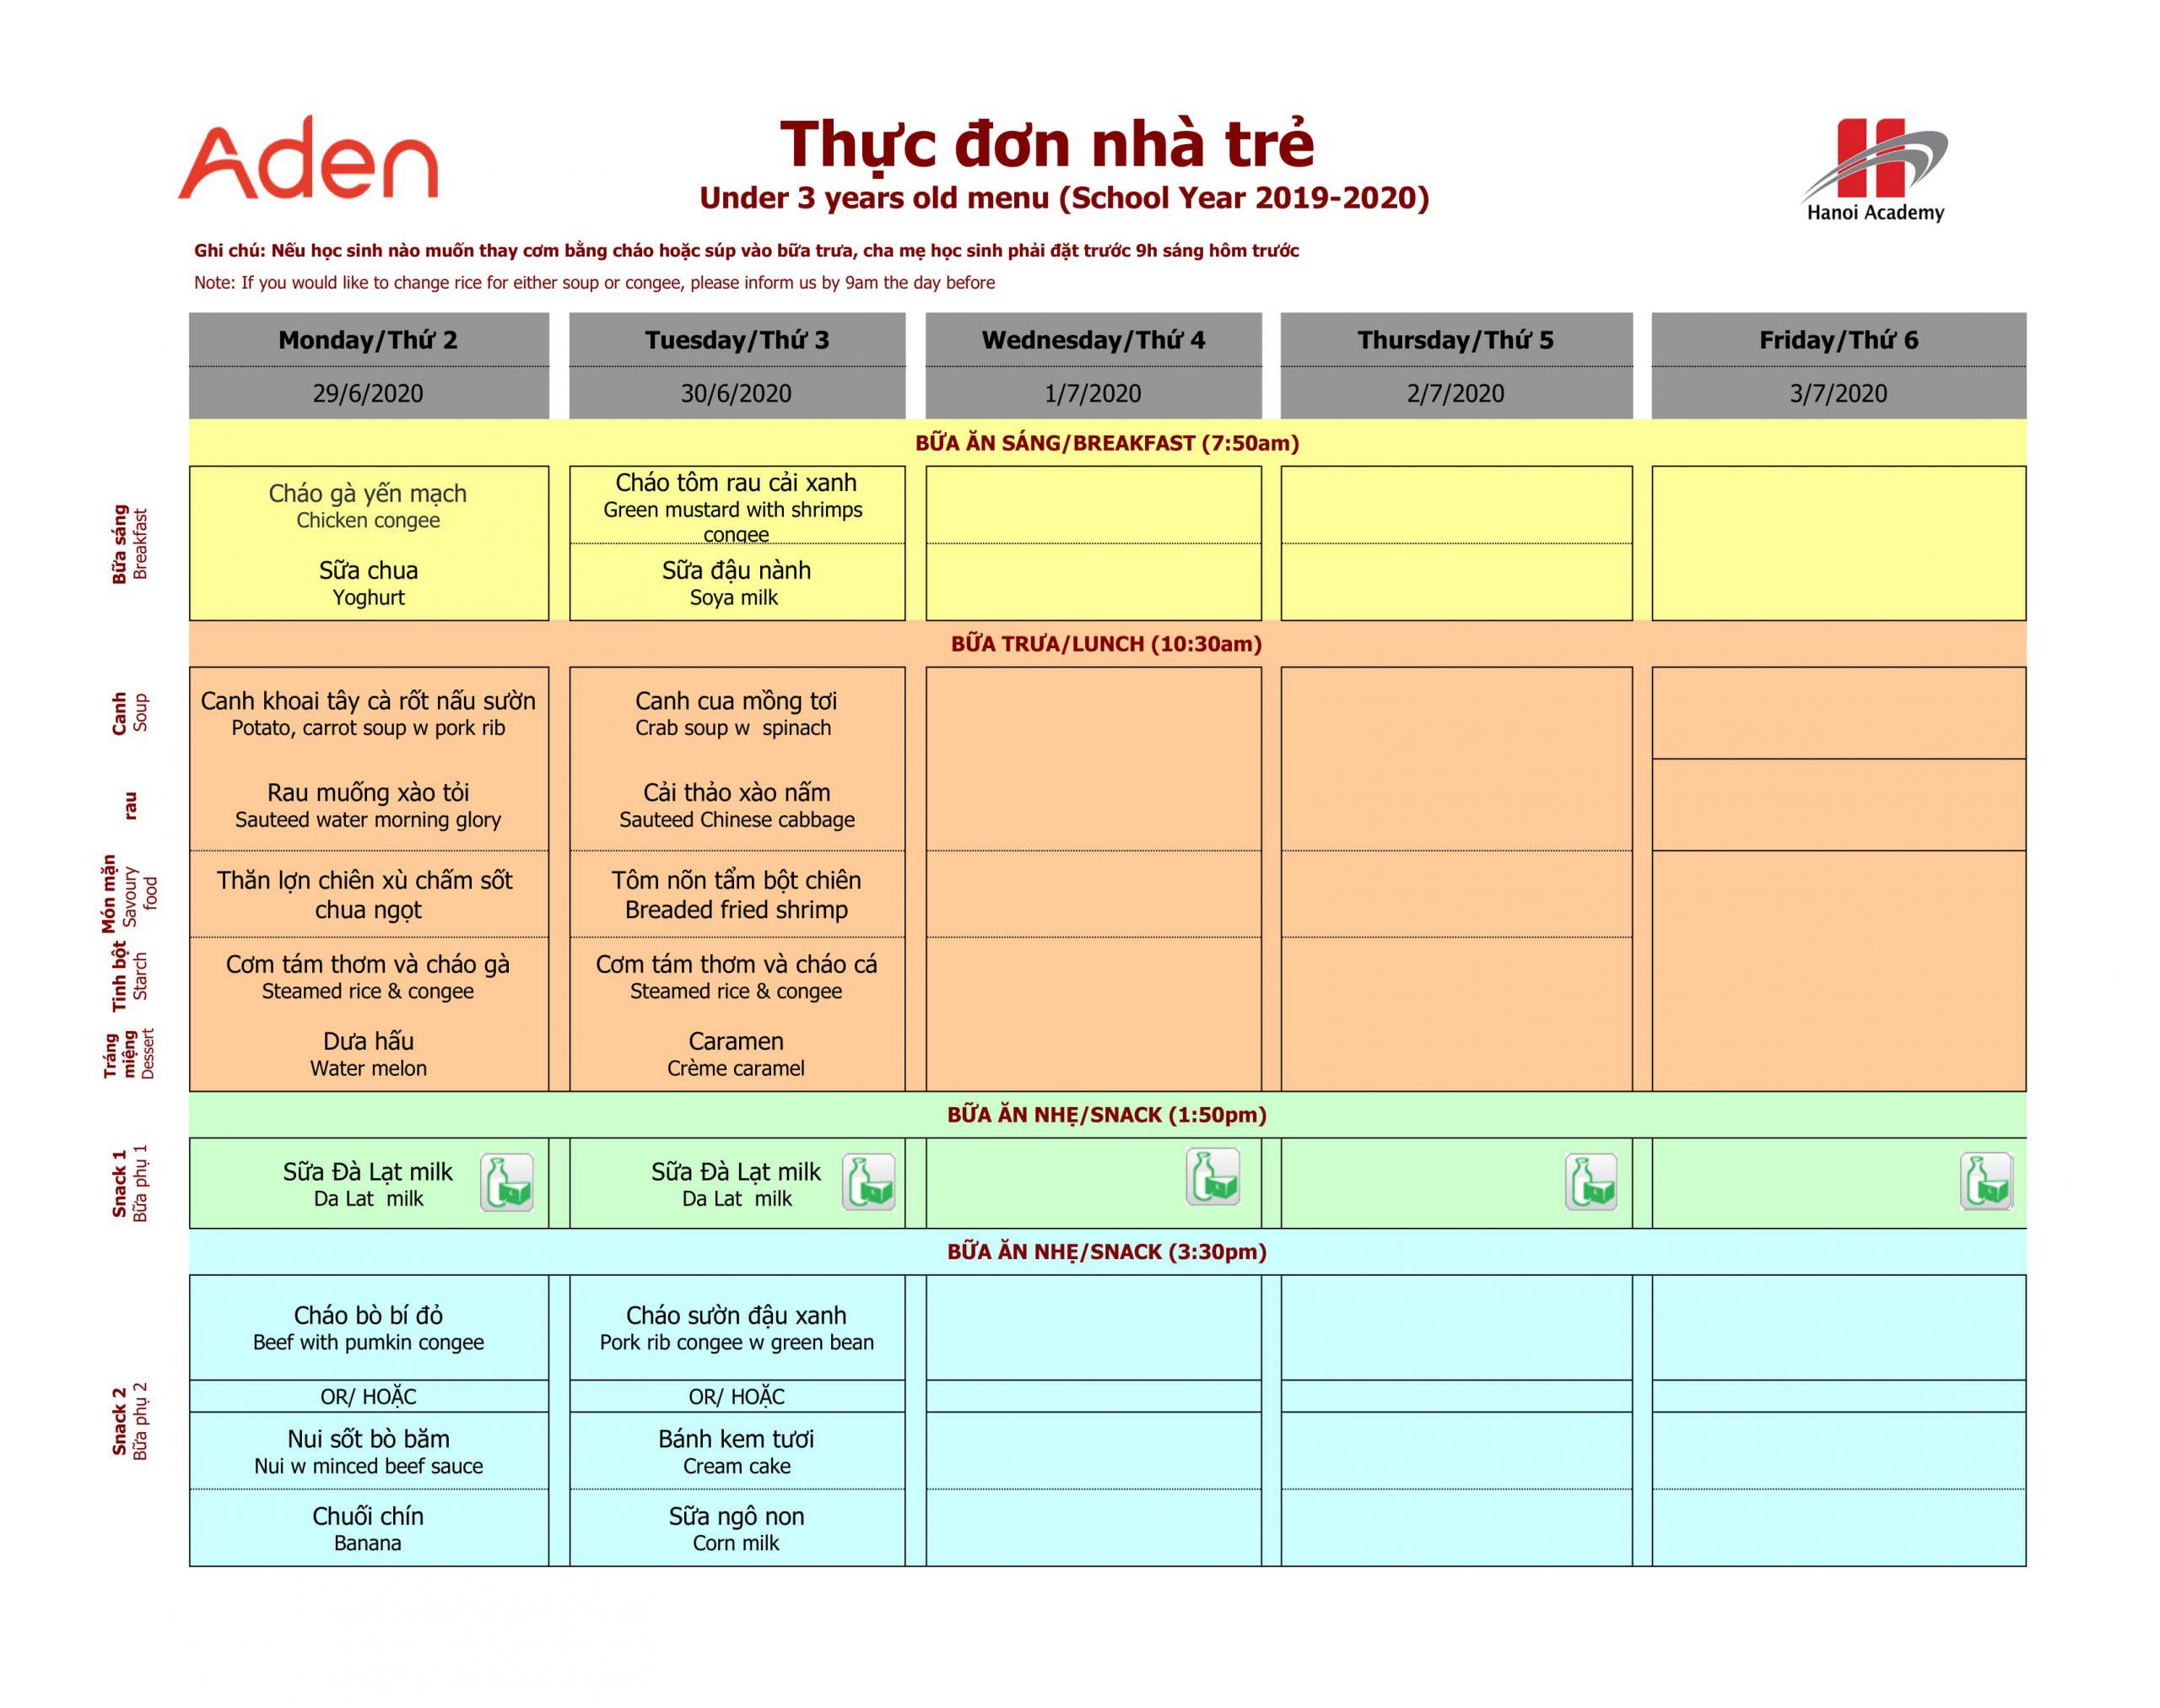 thực đơn nhà trẻ Thực đơn tuần 31 (29/06 – 30/06) của trường Hanoi Academy